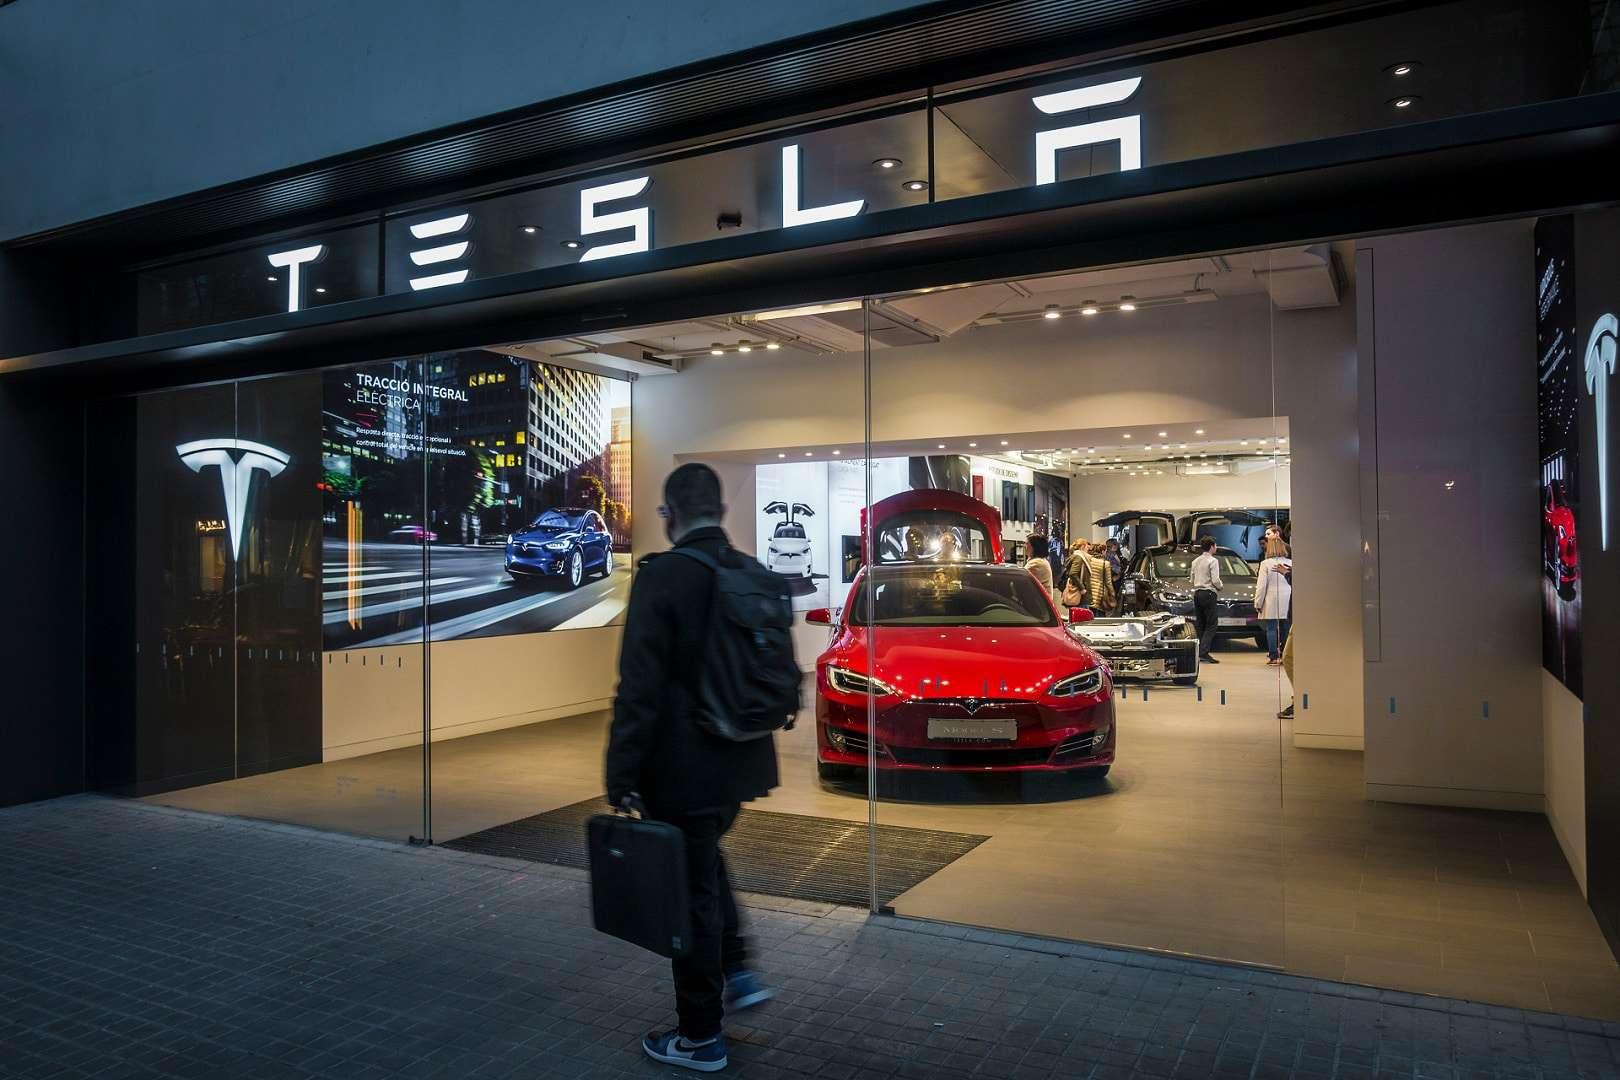 Tesla processa ex-funcionário e o acusa de roubar código de software - Olhar Digital